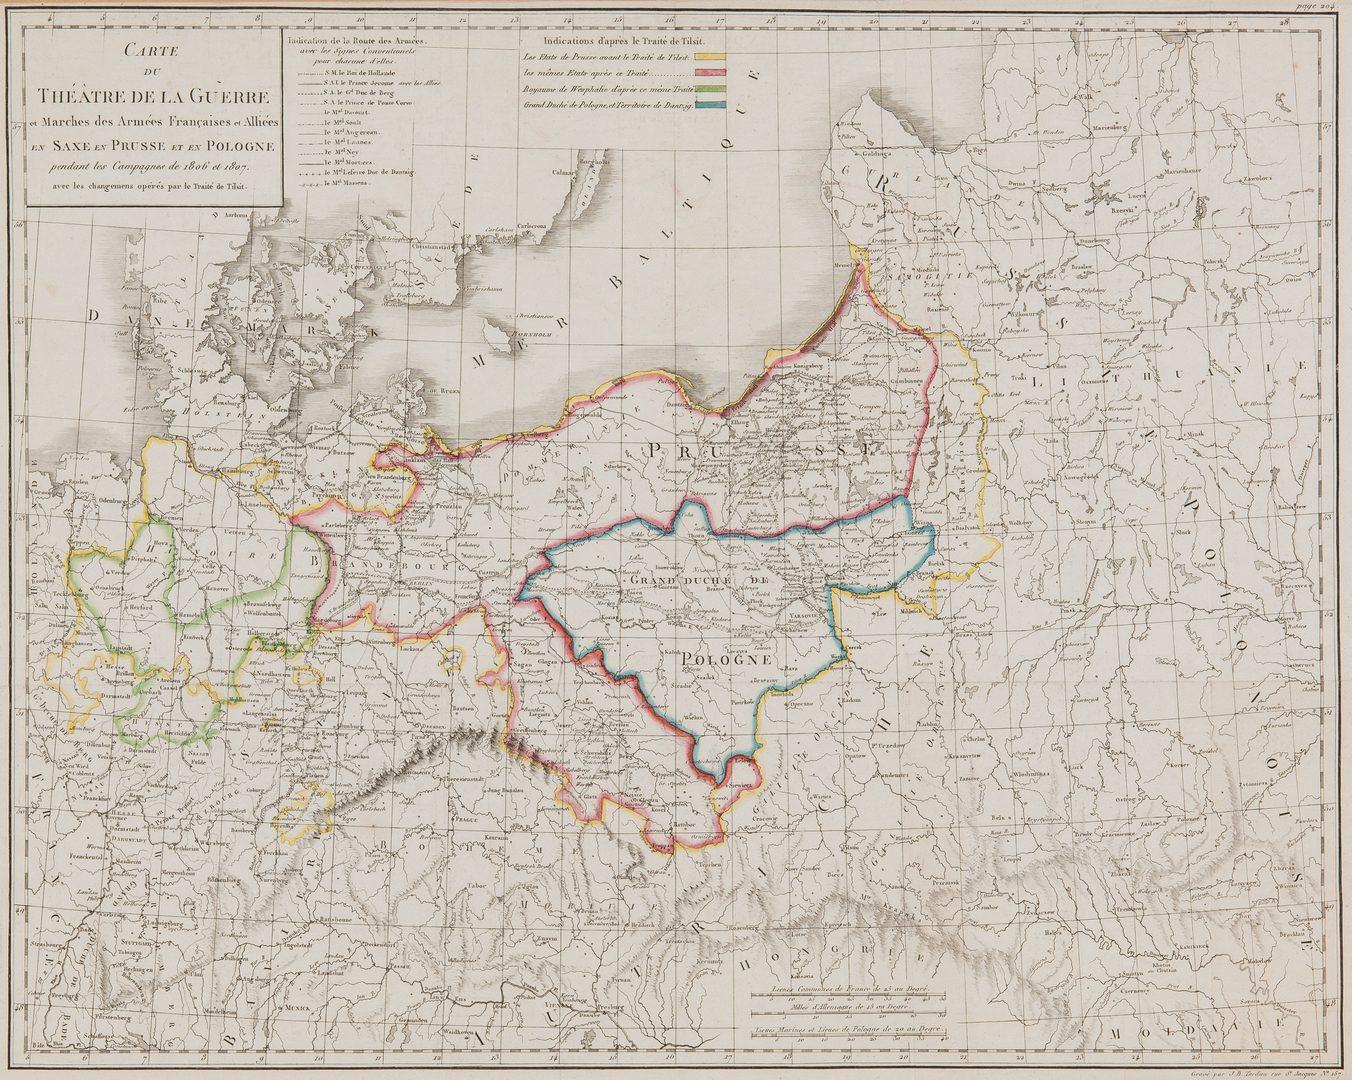 Lot 382: 2 Maps, incl. Napoleonic Theatre de la Guerre, Middlesex